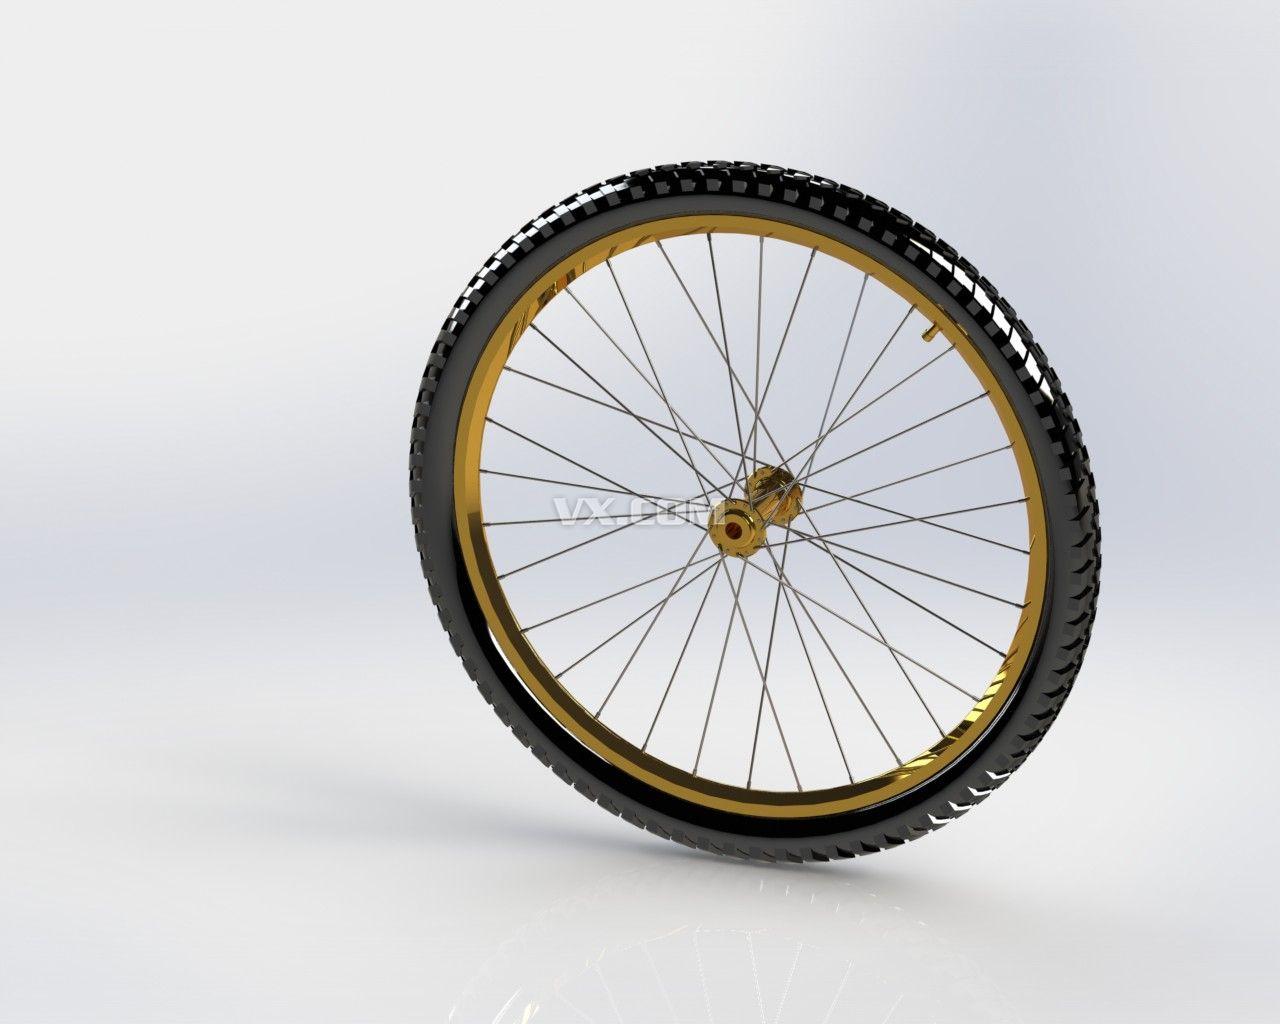 自行车车轮_stl_交通工具